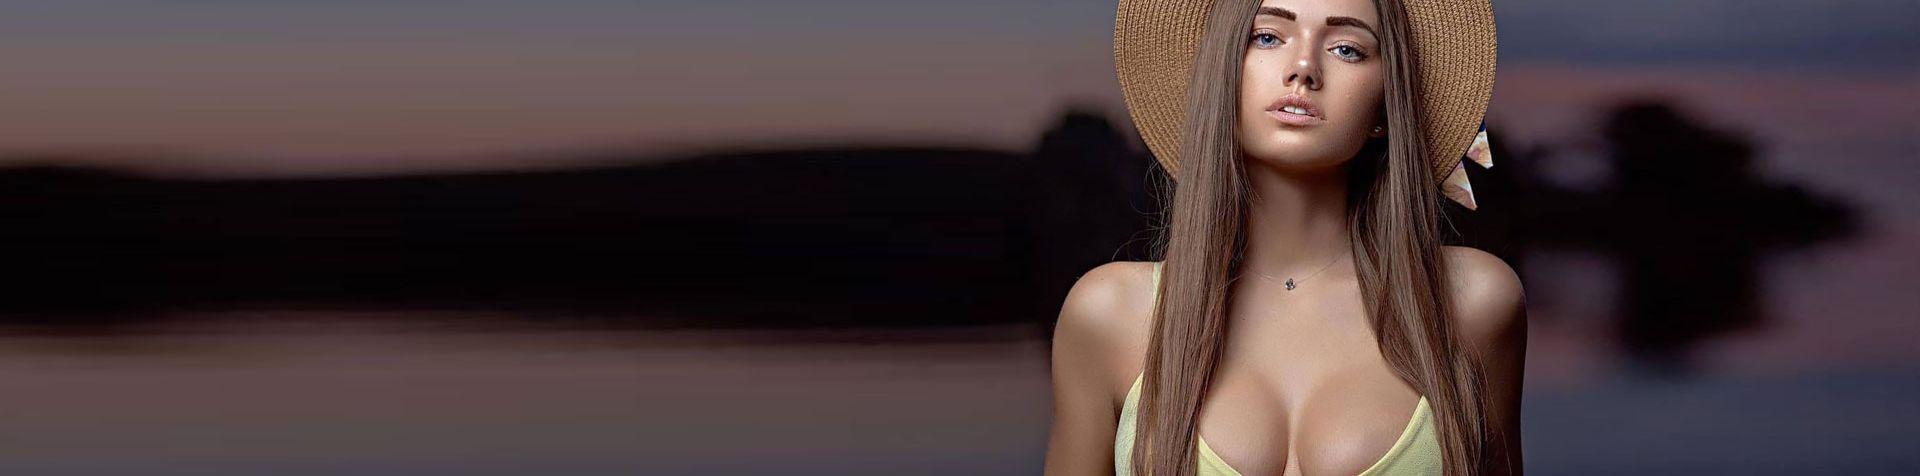 beautiful-international-woman-in-hat